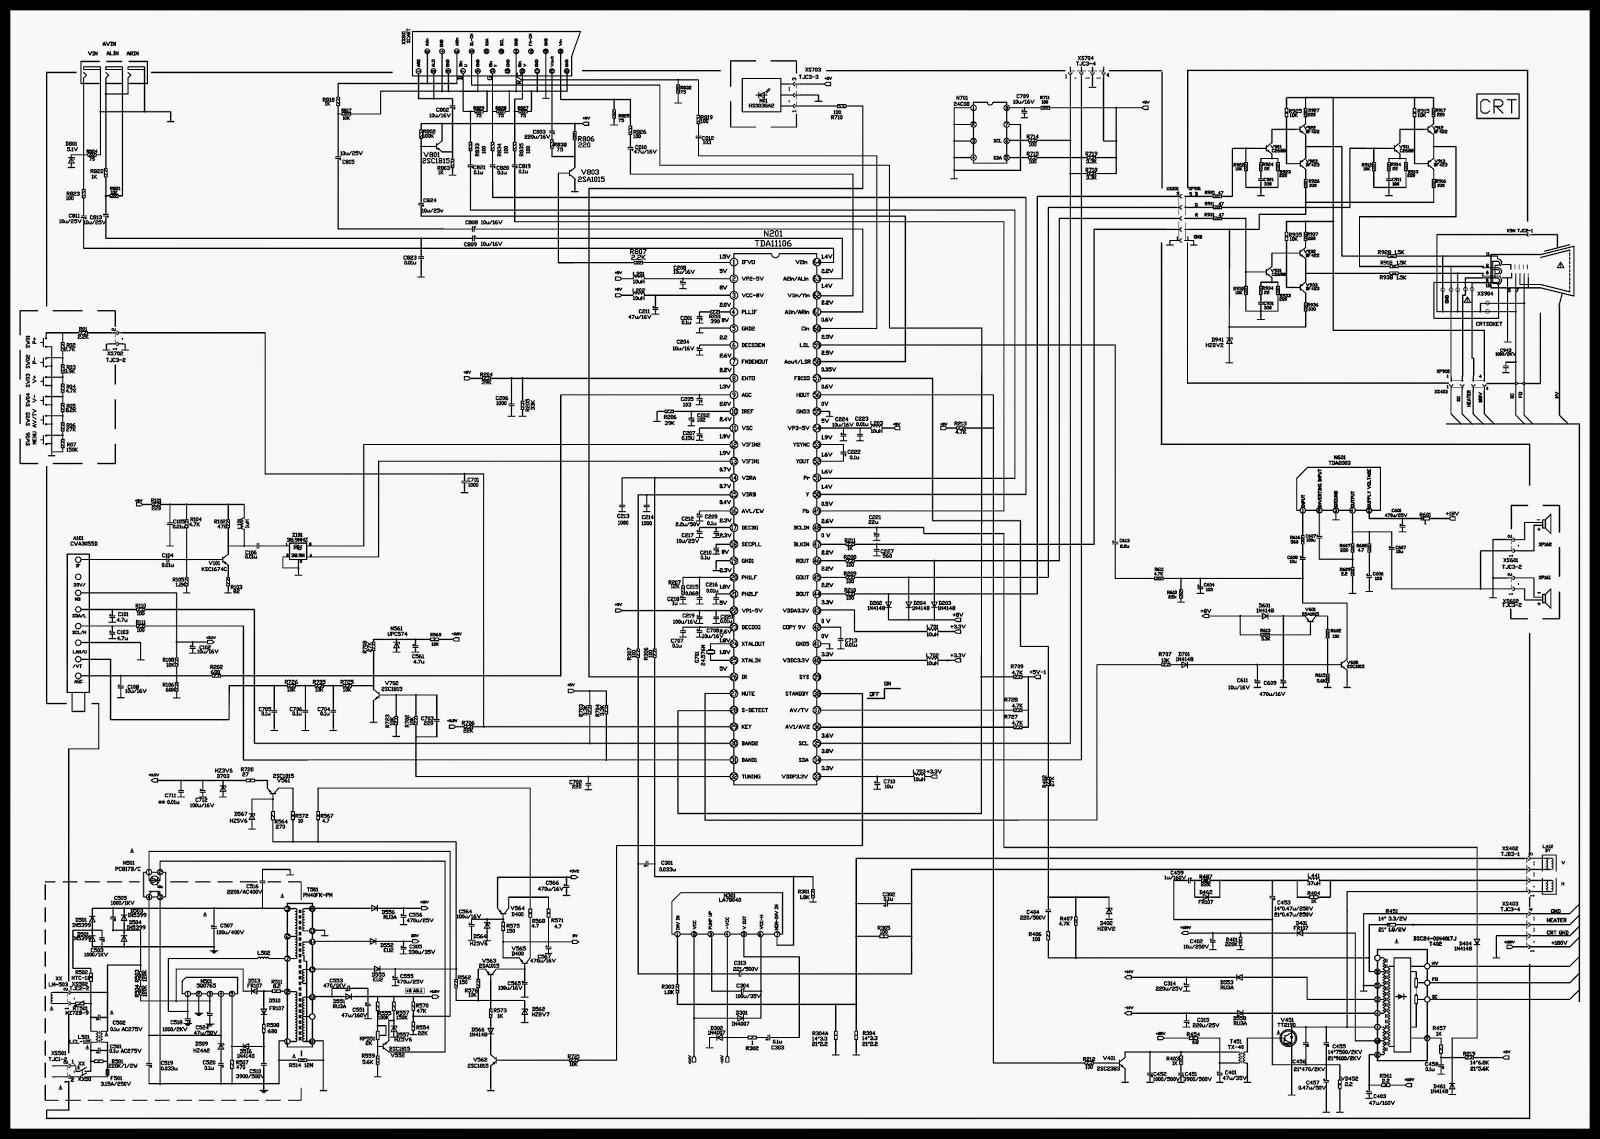 Diagram Of Kawasaki Atv Parts 1998 Klf300b11 Bayou 300 Chassis